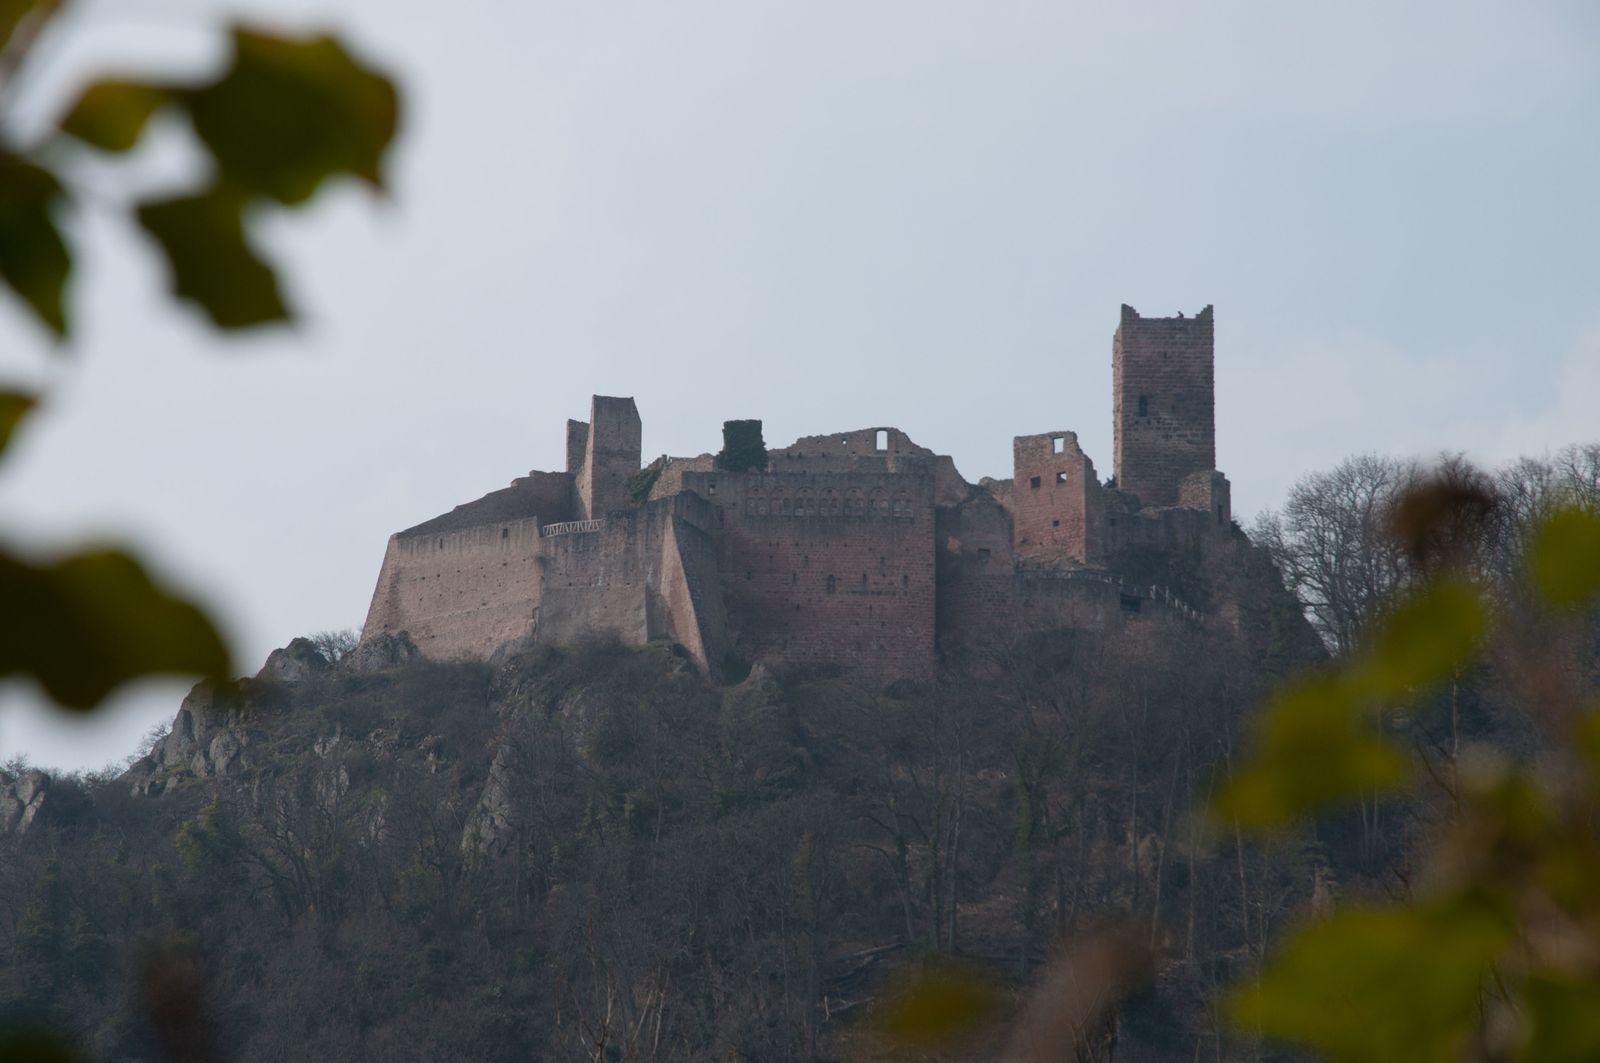 le St Ulrich